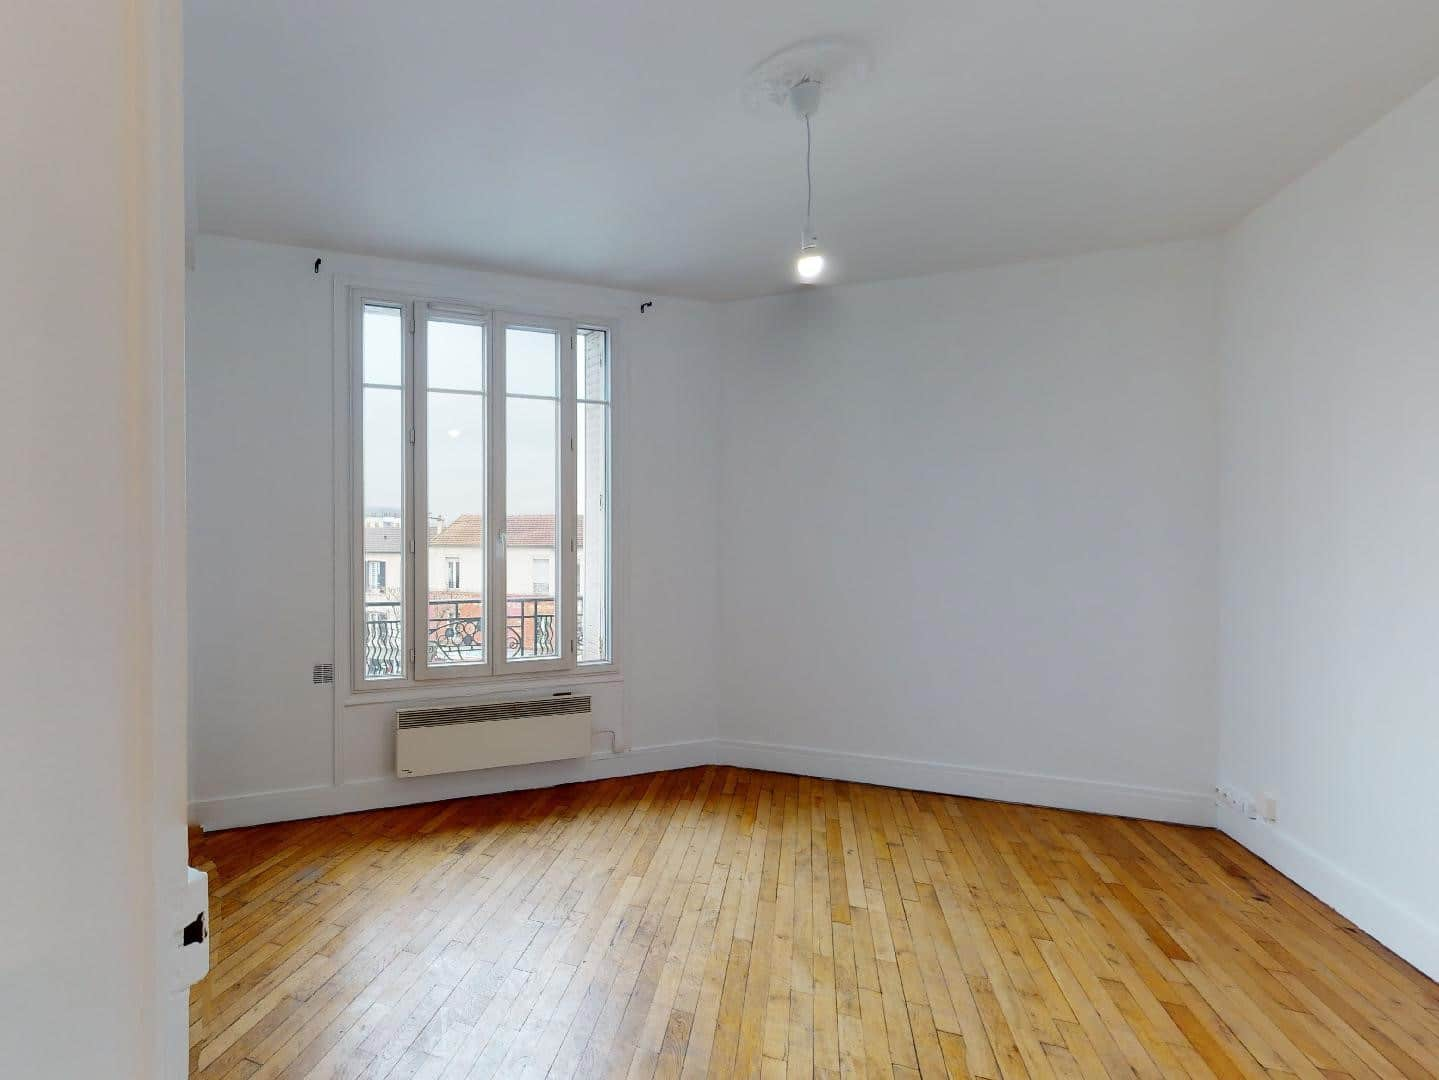 location d appartement a maison alfort: 3 pièces 51 m², séjour lumineux, refait à neuf